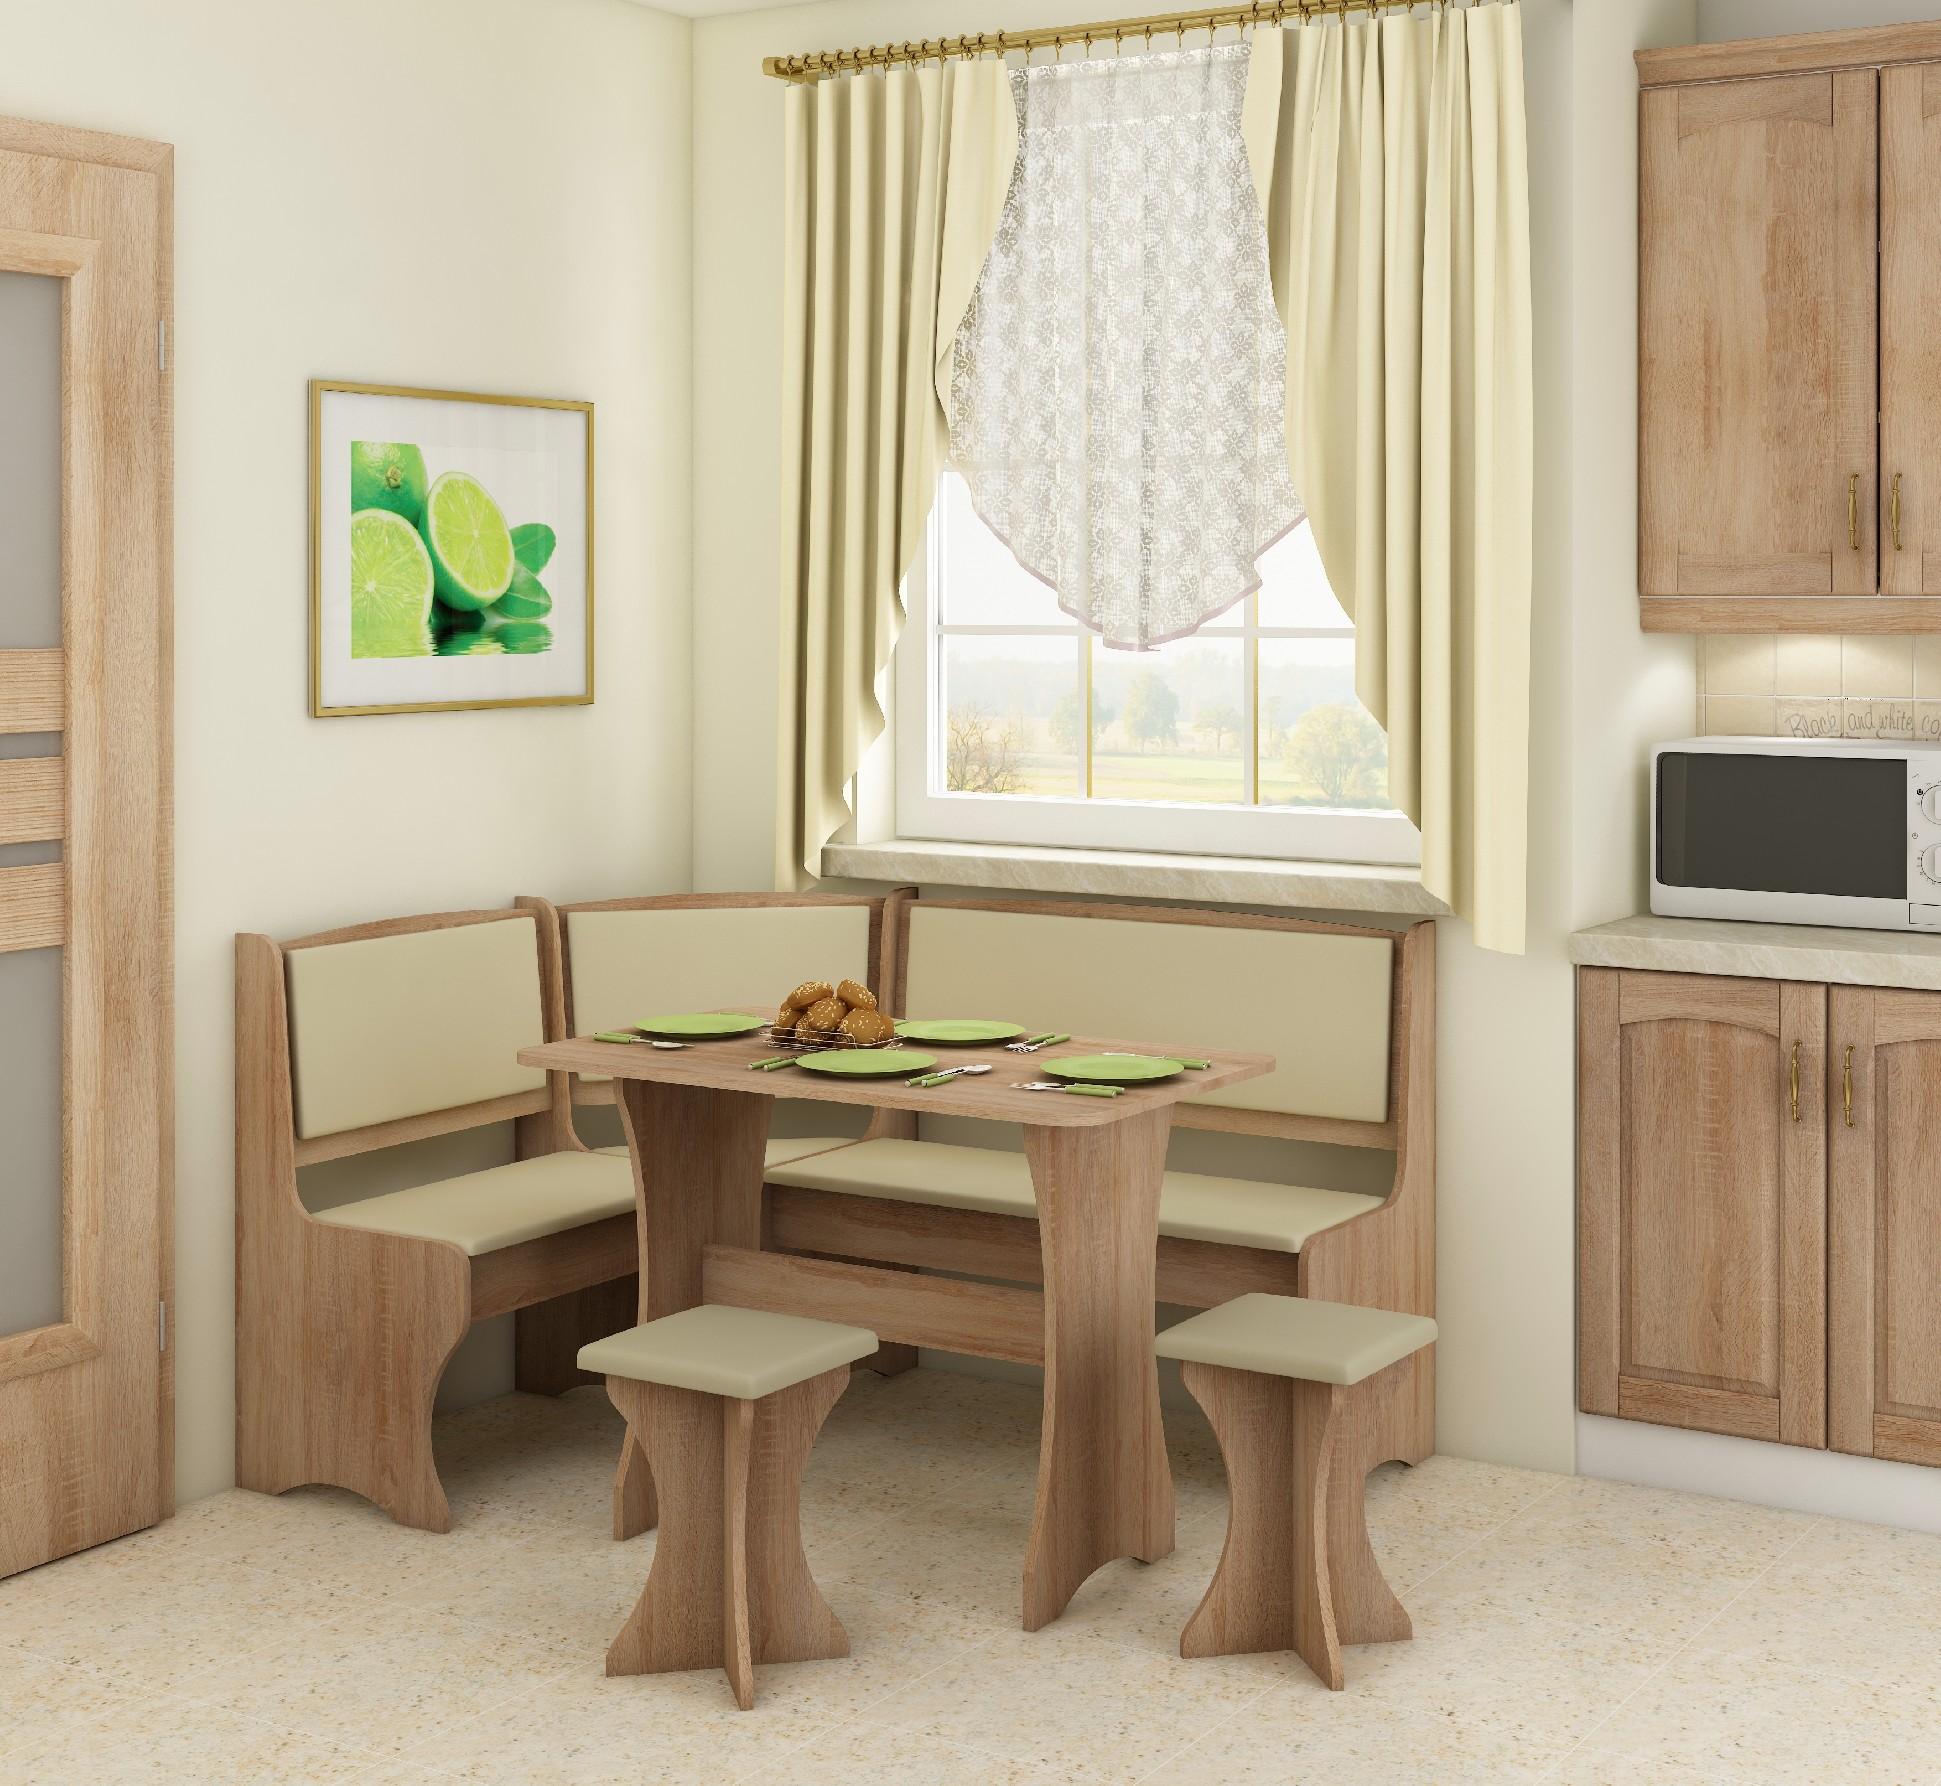 WIP Rohový set s taburetkami Prevedenie: Dub sonoma svetlá / Eco béžová